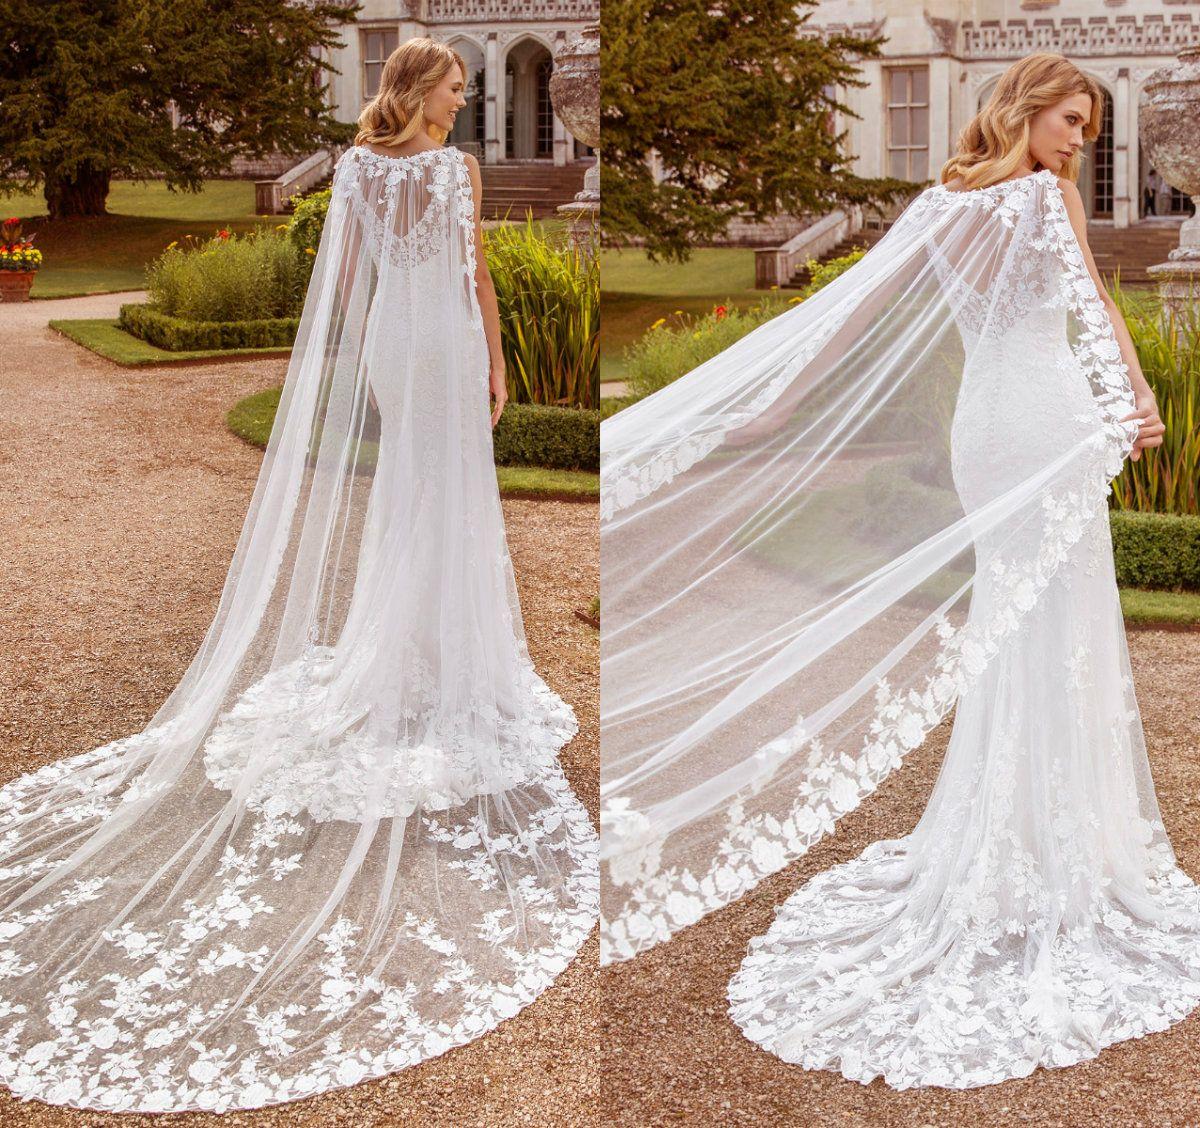 2020 Şık Düğün Wrap Dantel Aplikler Bohemian gelinlik için Düğün Şal Custom Made Ucuz Gelin Ceketler